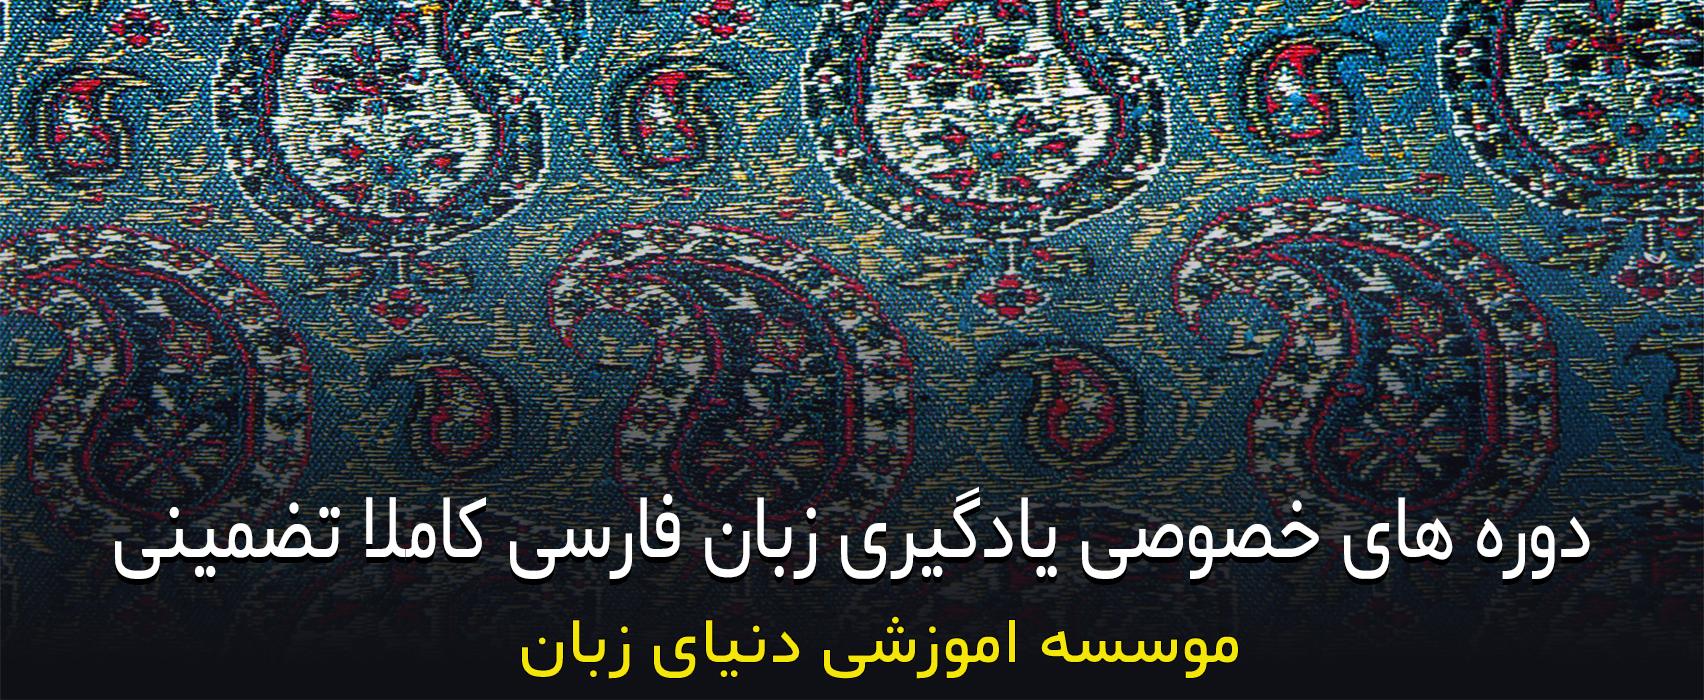 تدریس خصوصی زبان فارسی برای اتباع خارجی